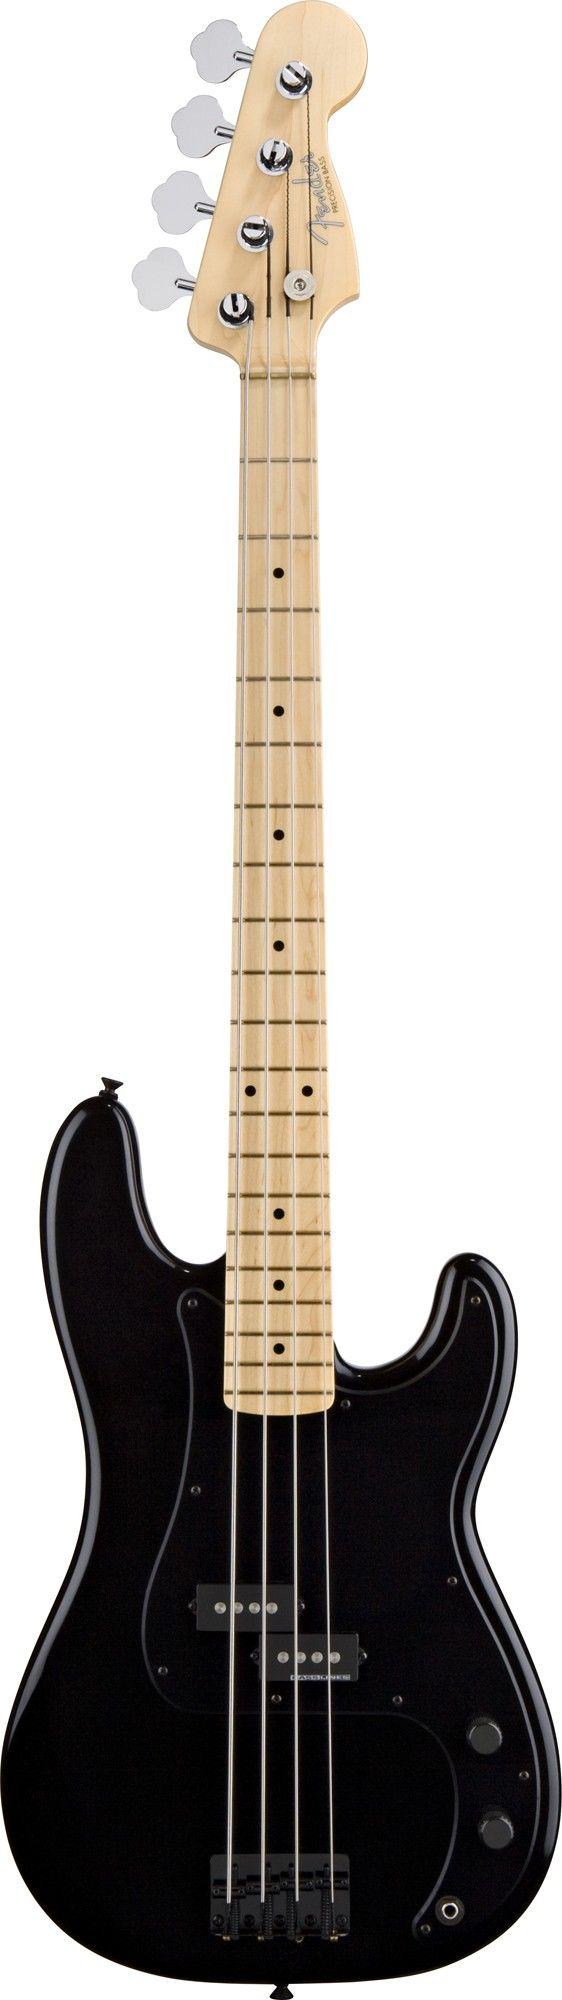 Fender Roger Waters Precision Bass® Guitar - 4 String Bass - Bass Guitars - Guitars